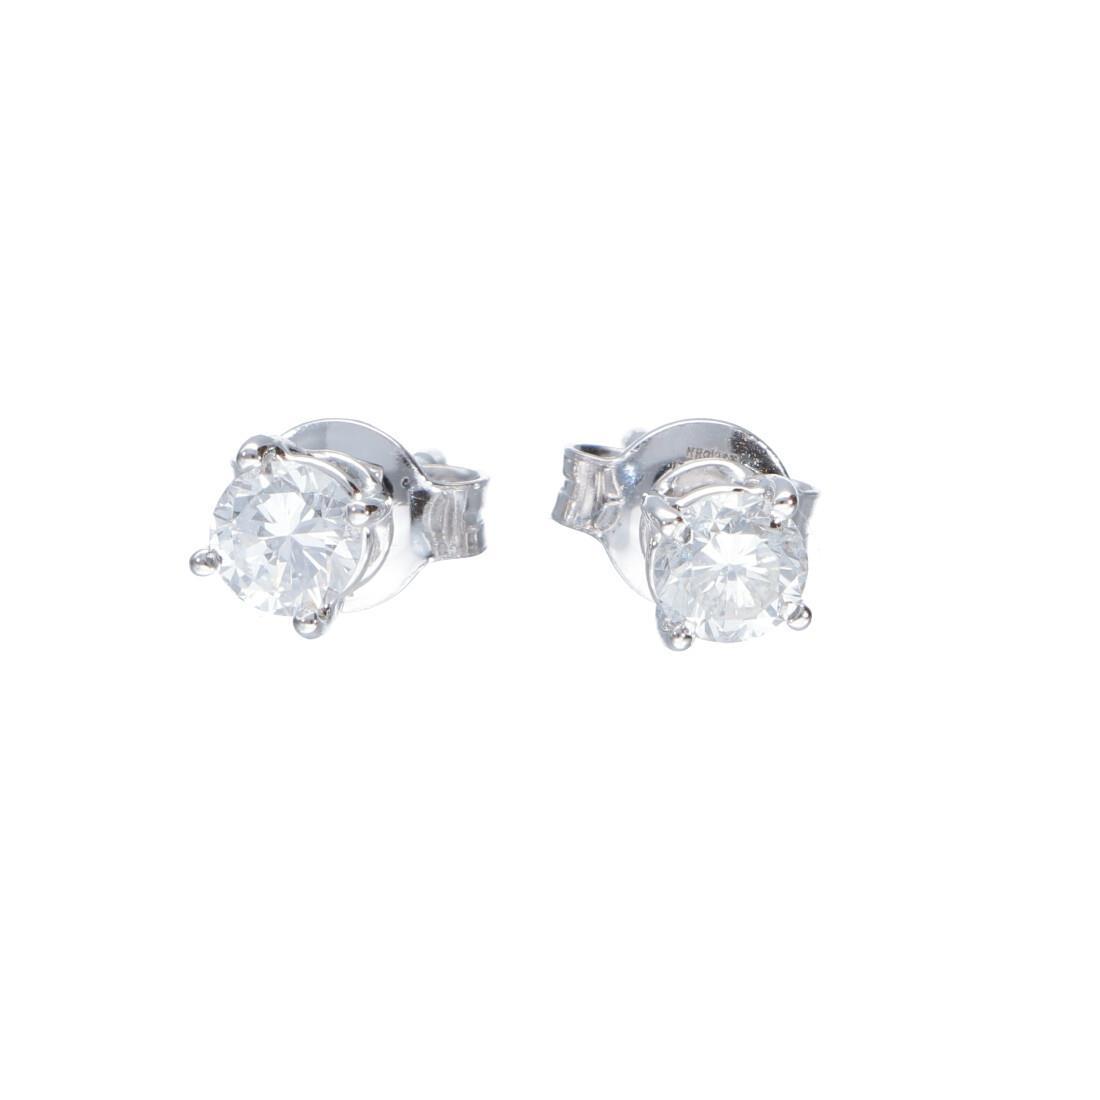 Orecchini in oro bianco, diamanti ct. 0,45 - ALFIERI & ST. JOHN